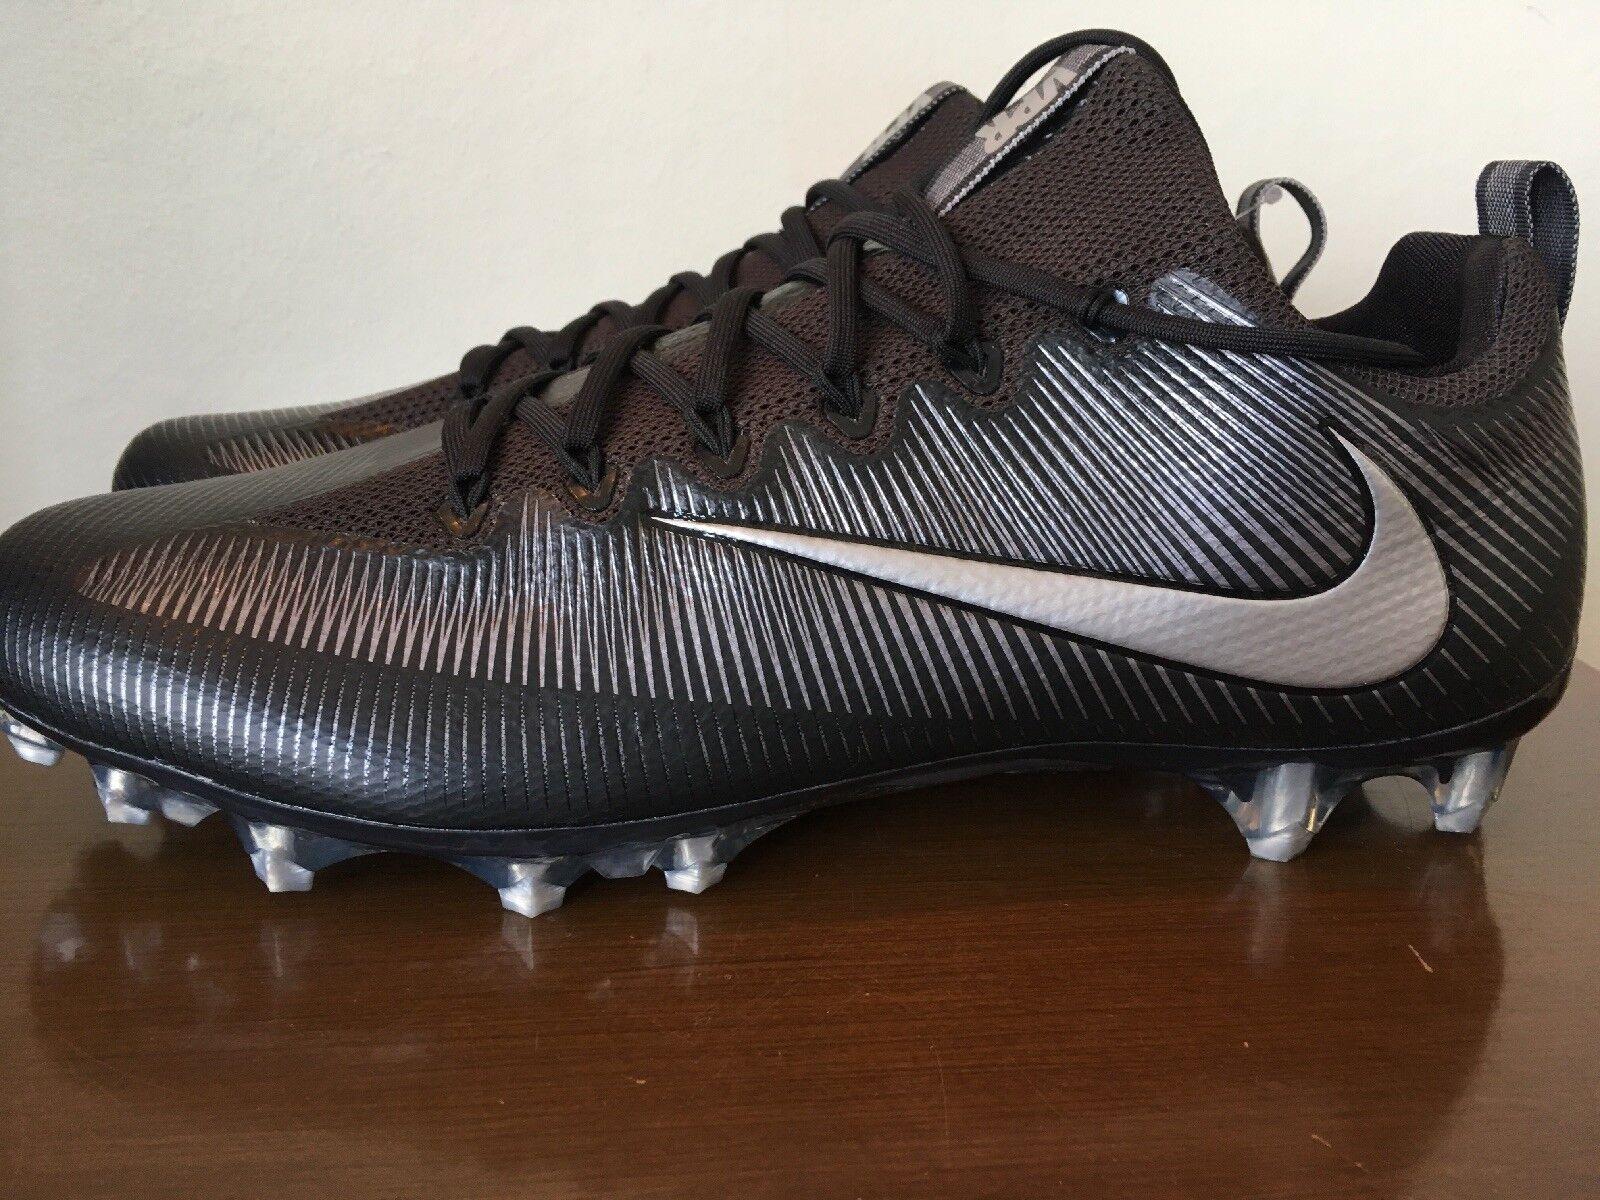 Neue nike vapor unantastbar profi - football - stollen schwarz schwarz schwarz silber 833385-002 größe 15. 6151e6